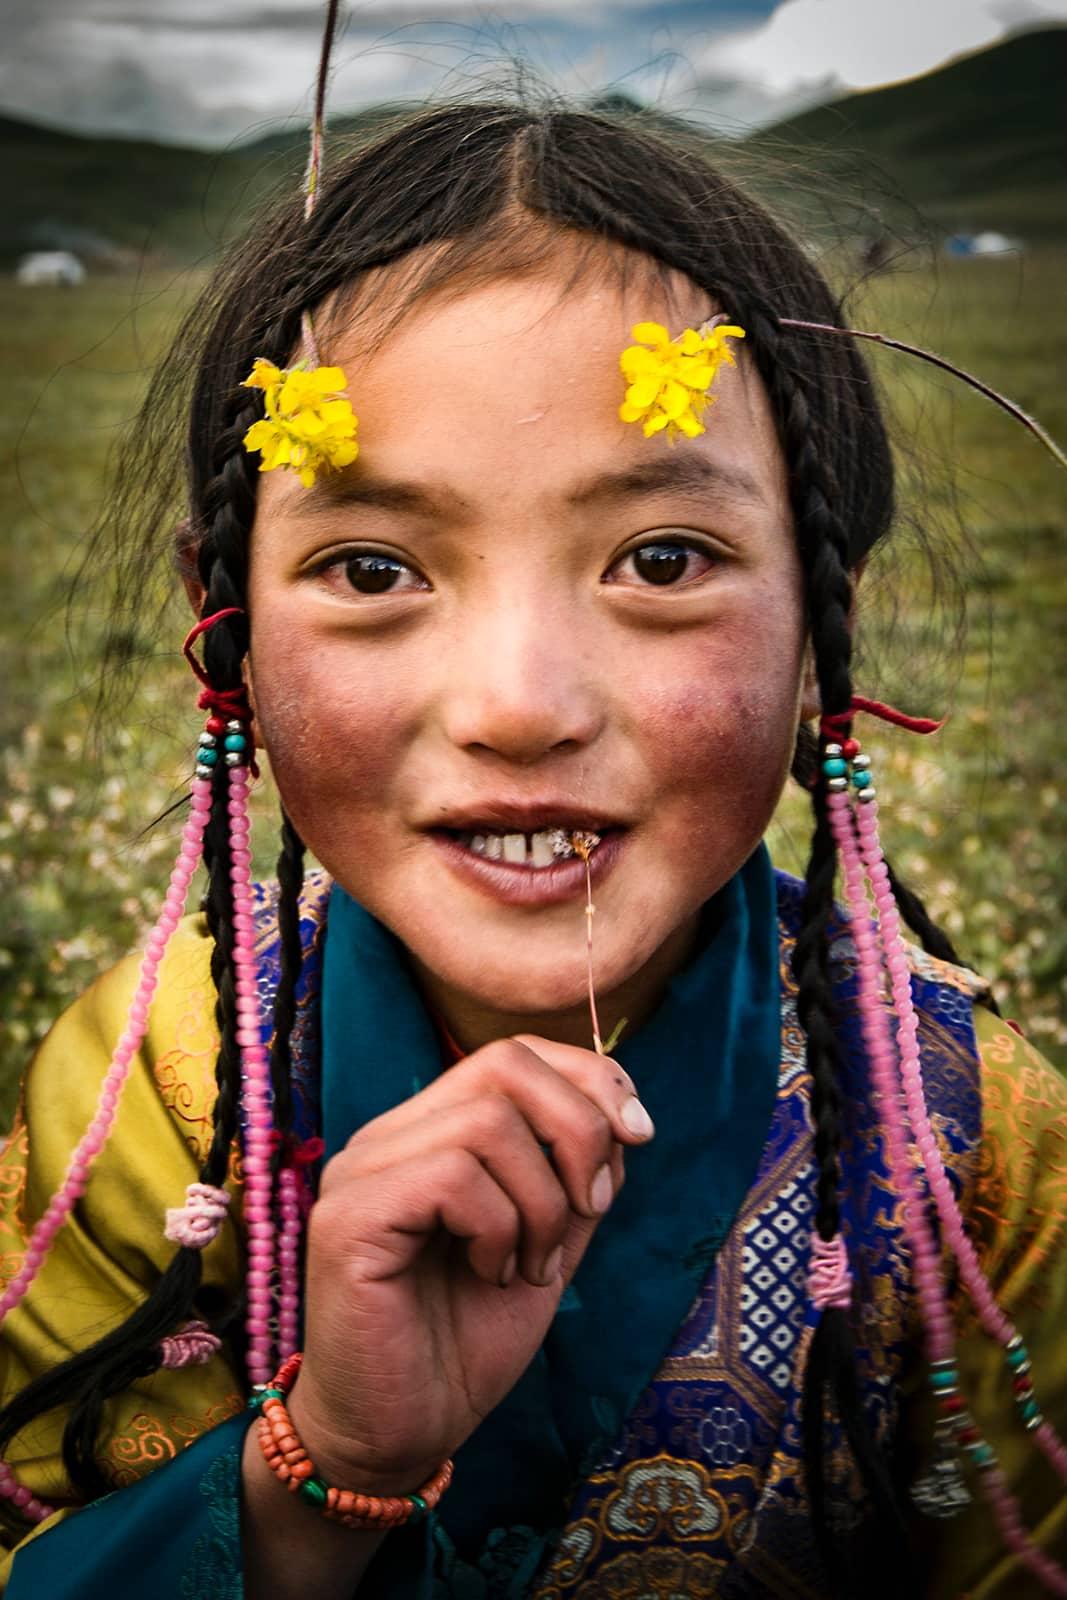 Portret van eskimo meisje met bloemetjes en vlechtje in haar in gebied met heuvels en wolken, Photographer: Zijie Gong, China